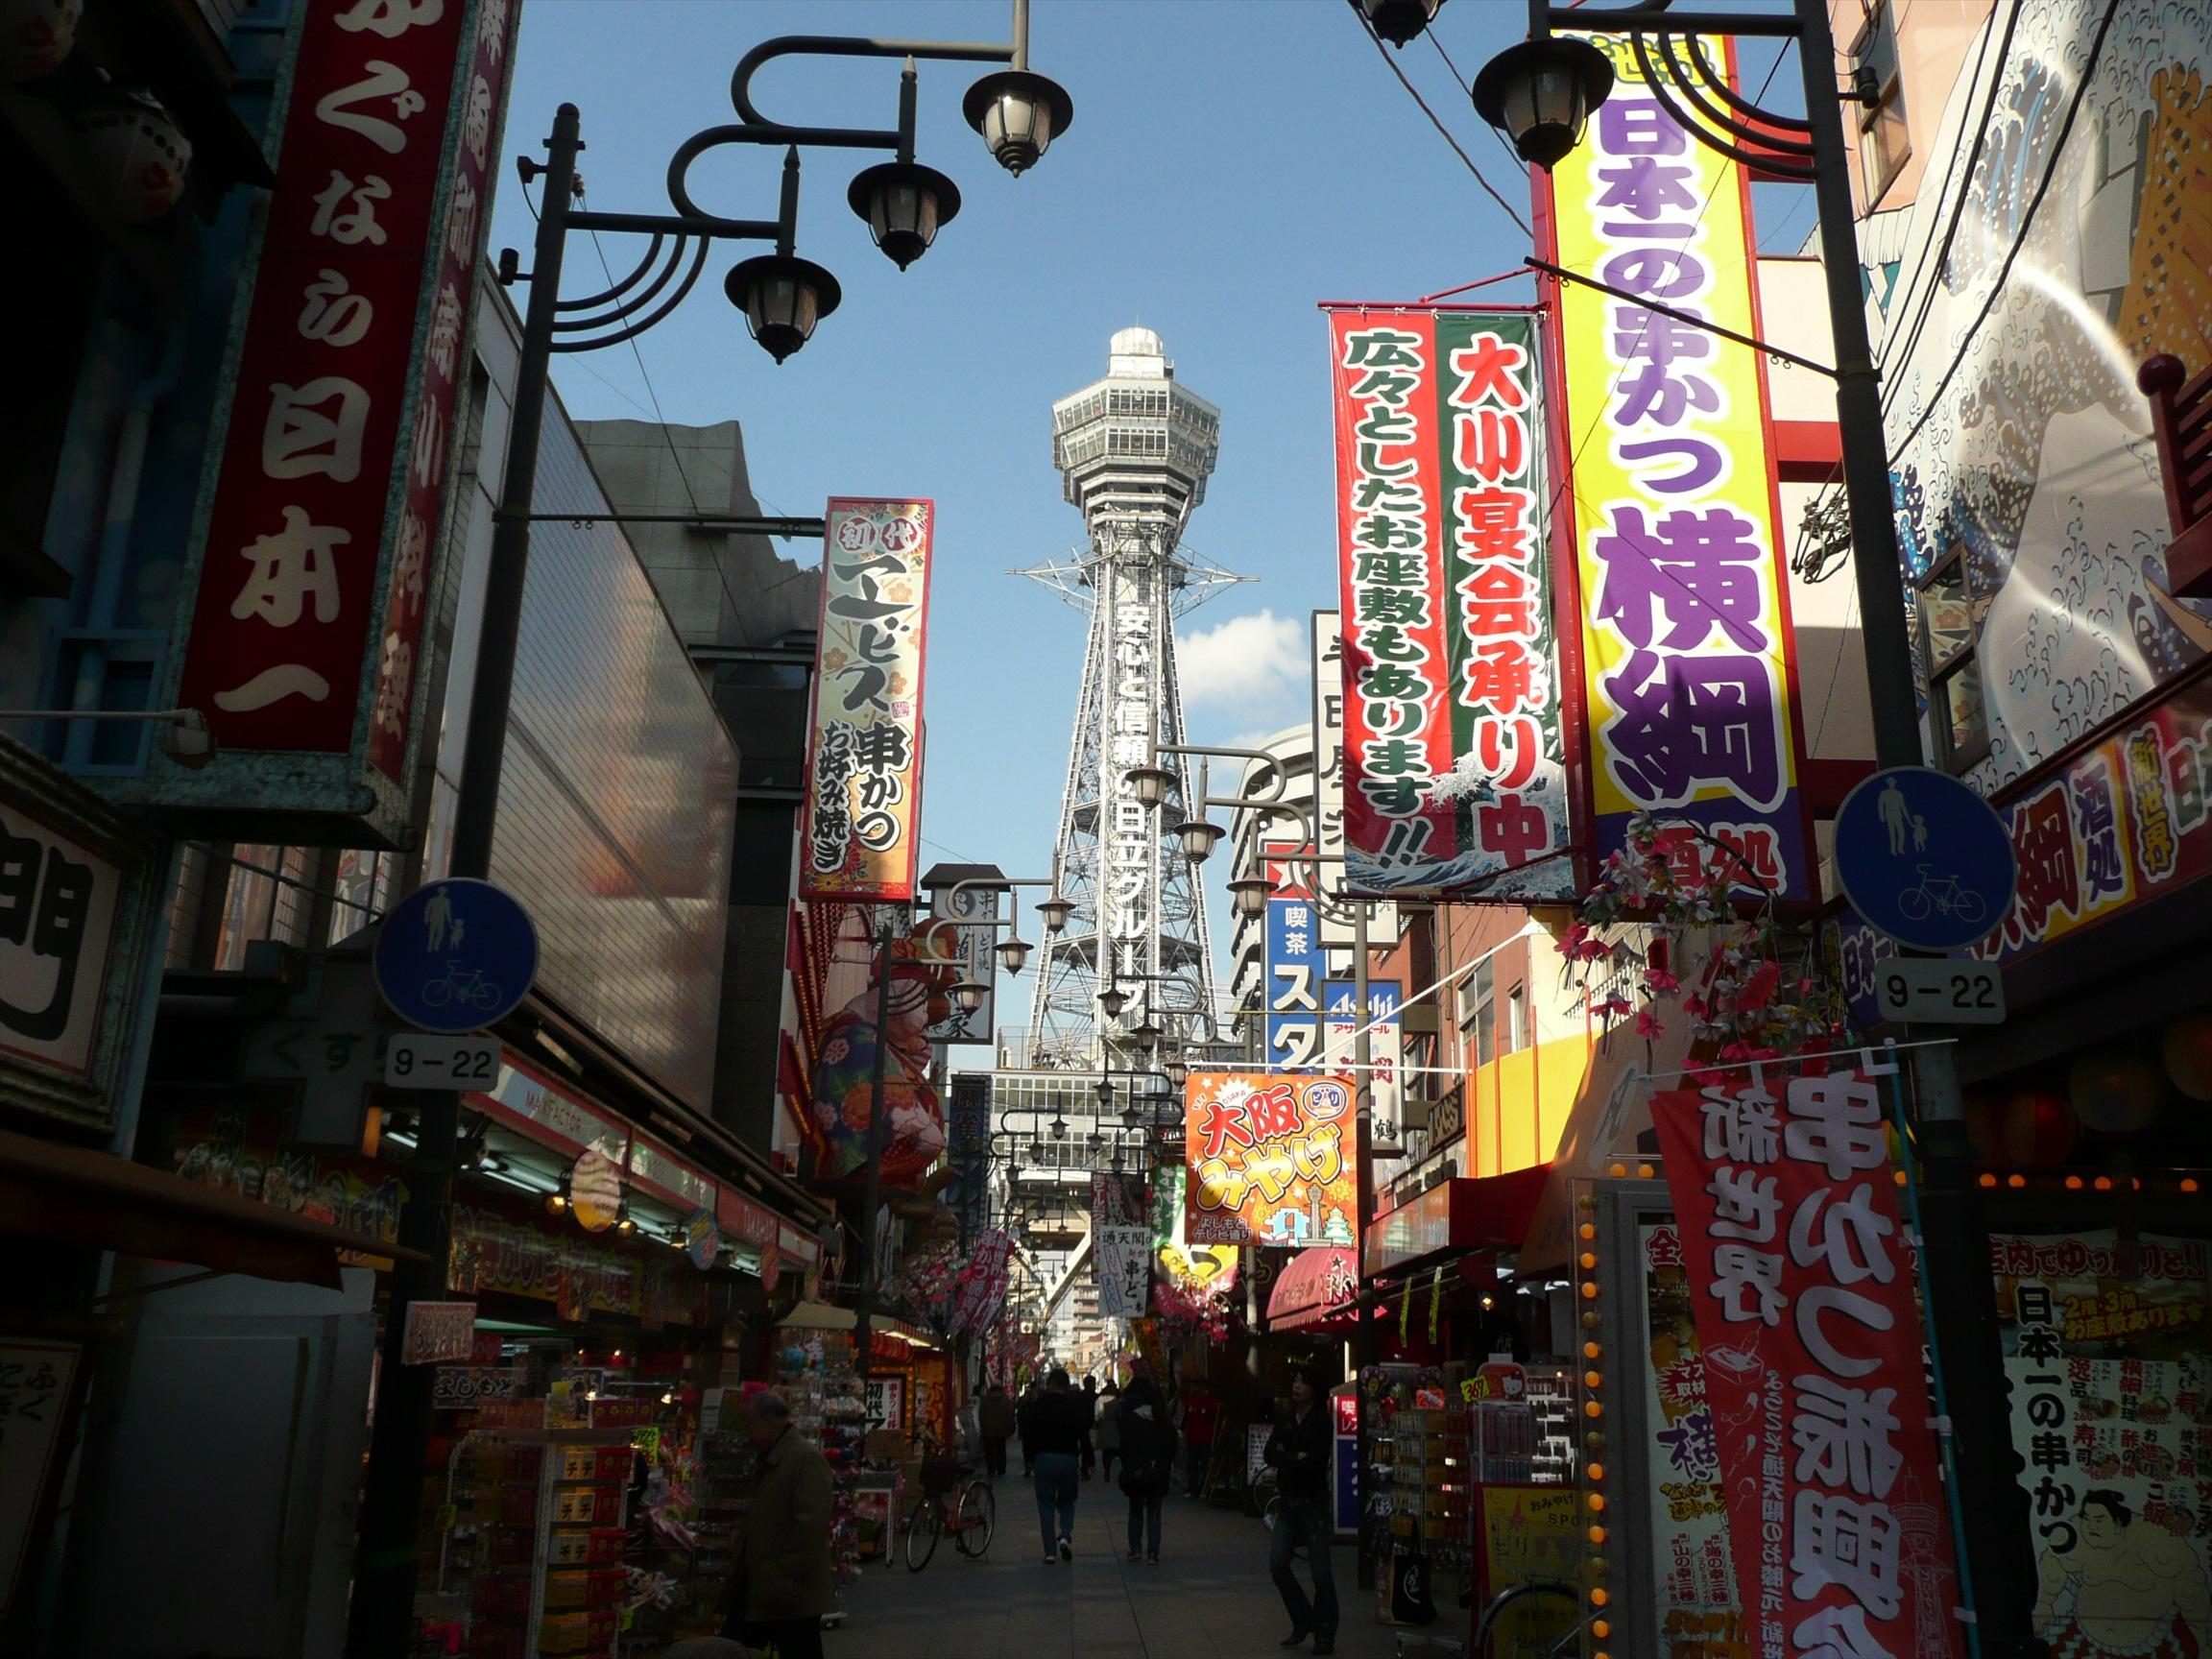 都庁より眺めのよい通天閣 、東の秋葉原 西の日本橋、繁華街恵美須町